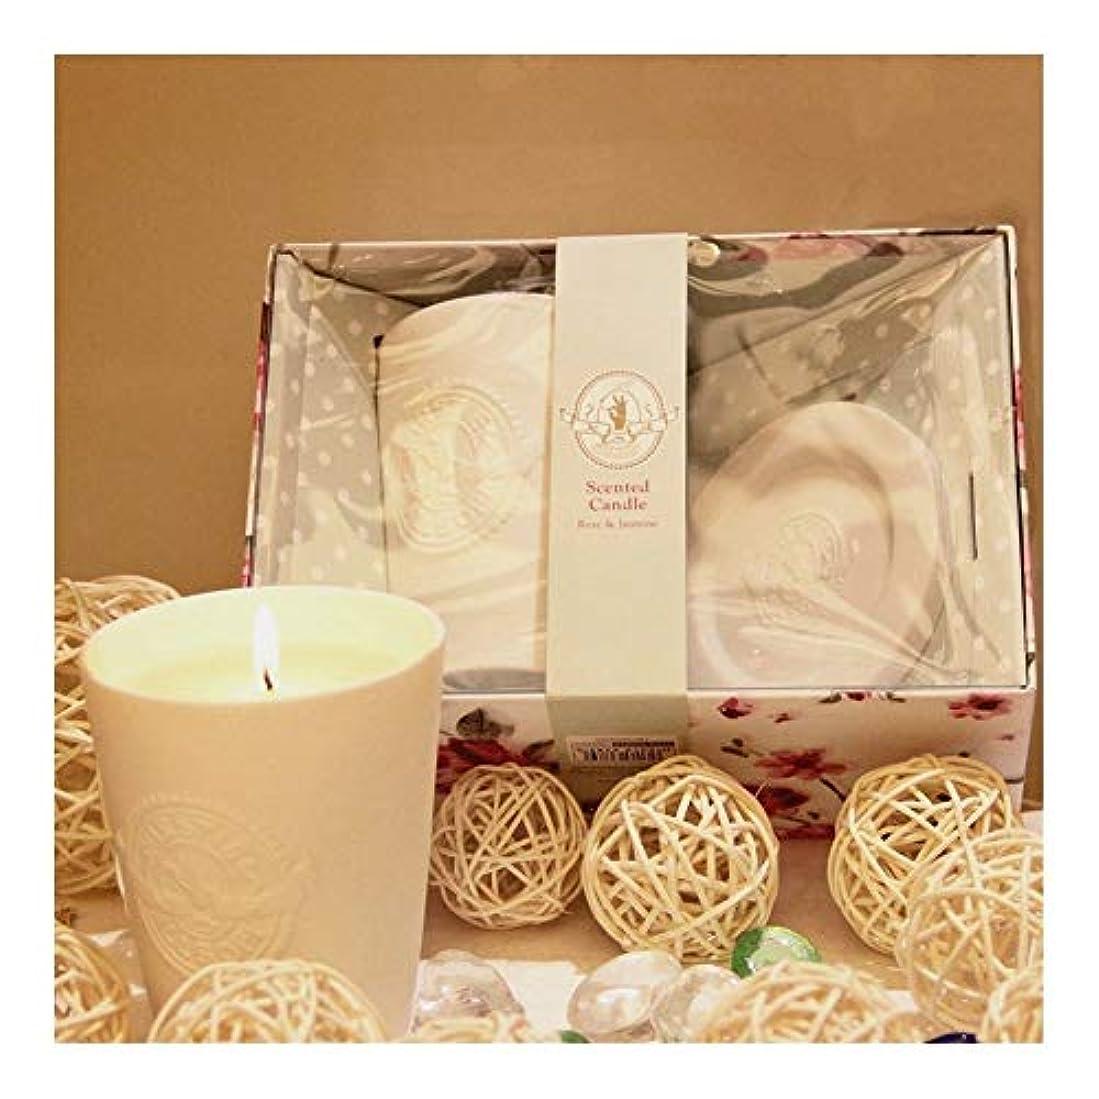 コンパニオンジェーンオースティンロボットACAO 白い陶器のガラス、ワックス、香料入りの蝋燭、屋内臭気の蝋燭